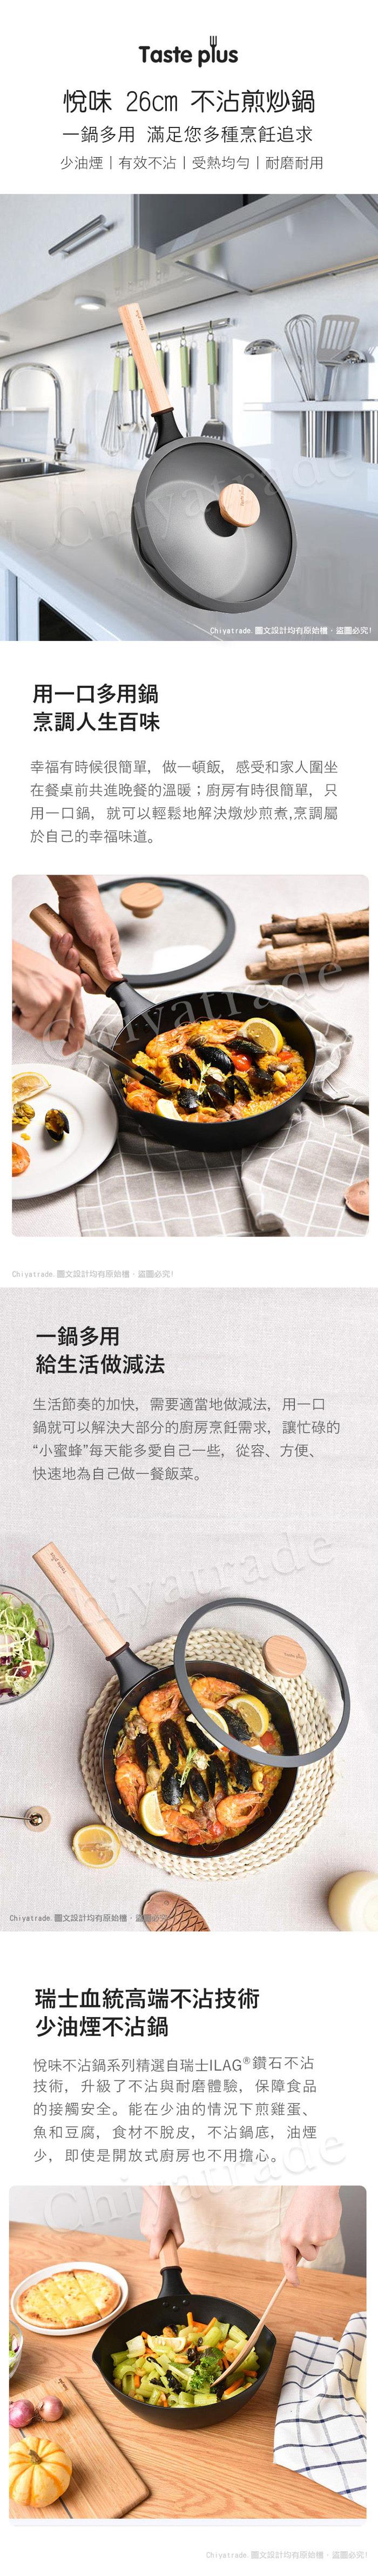 (複製)Taste Plus 悅味元麥 瑞士科技 陶土內外不沾鍋 平底炒鍋 30cm(贈瀝水鍋蓋+木鏟)